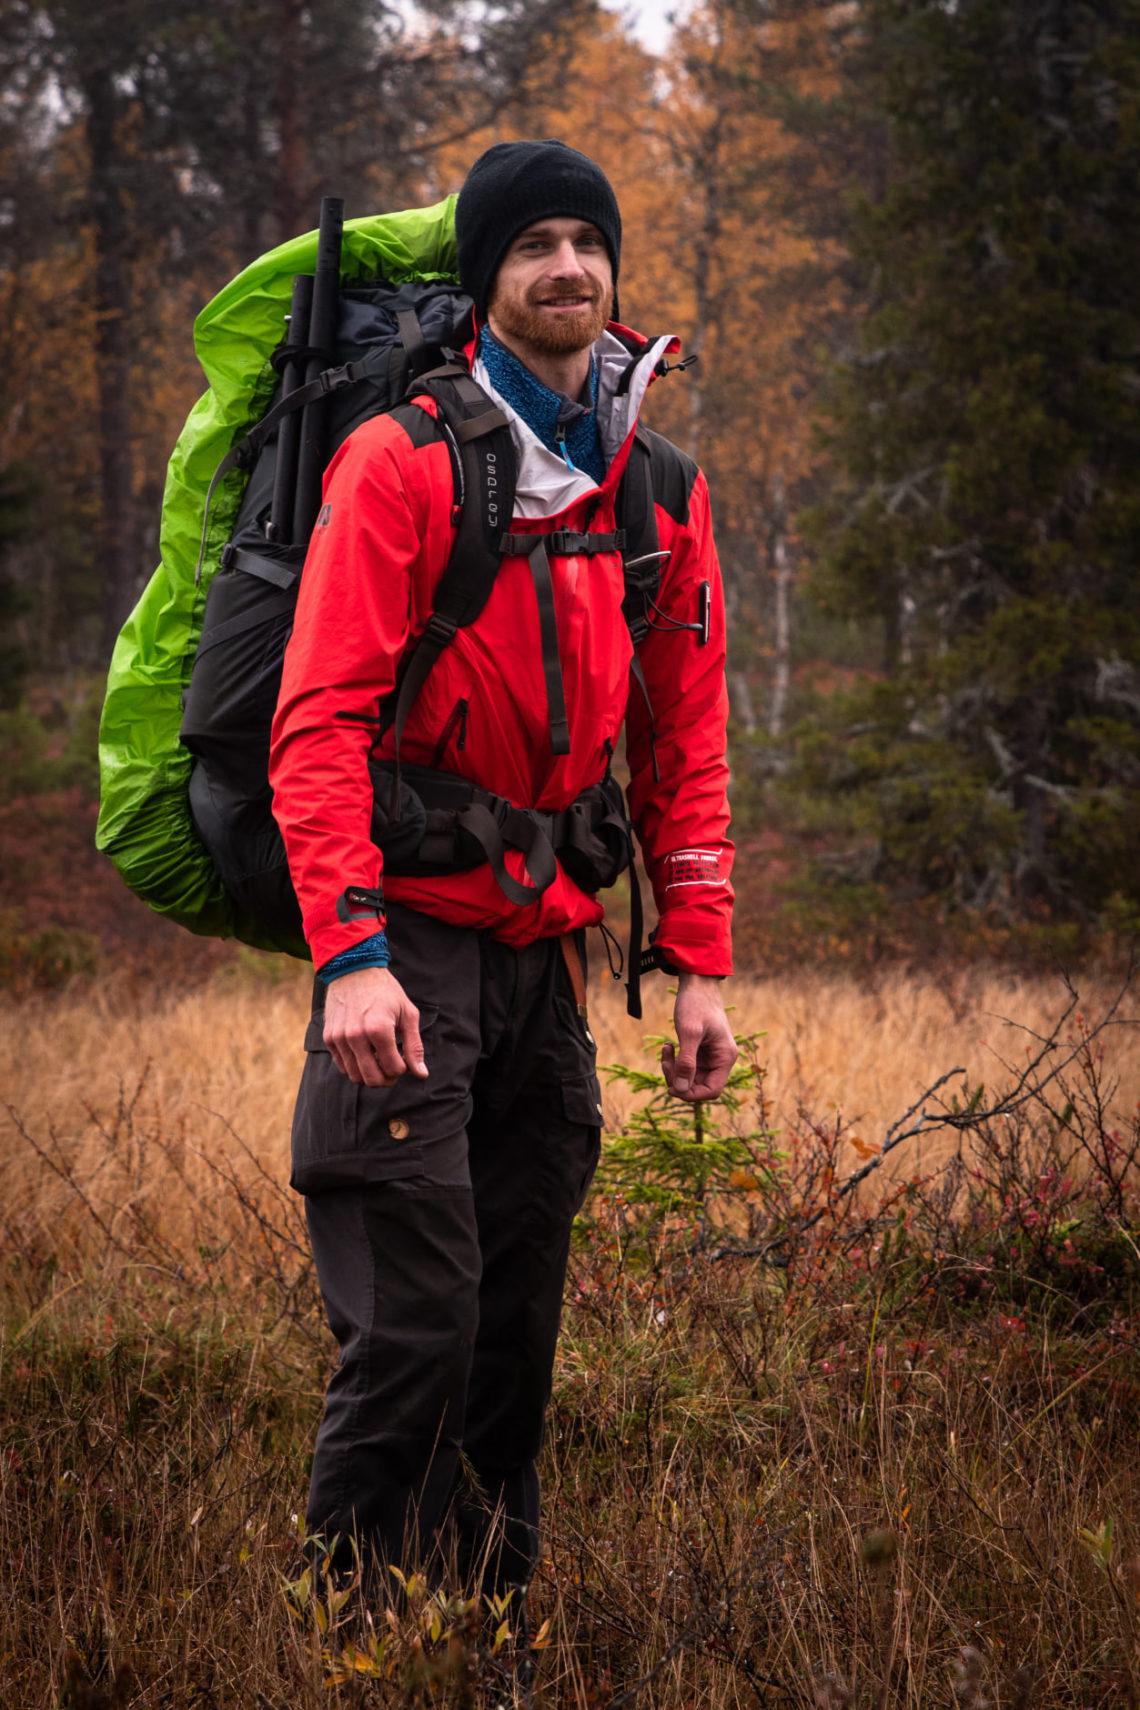 Homme tenue randonnée rouge et noire, sac à dos vert au milieu de la foret